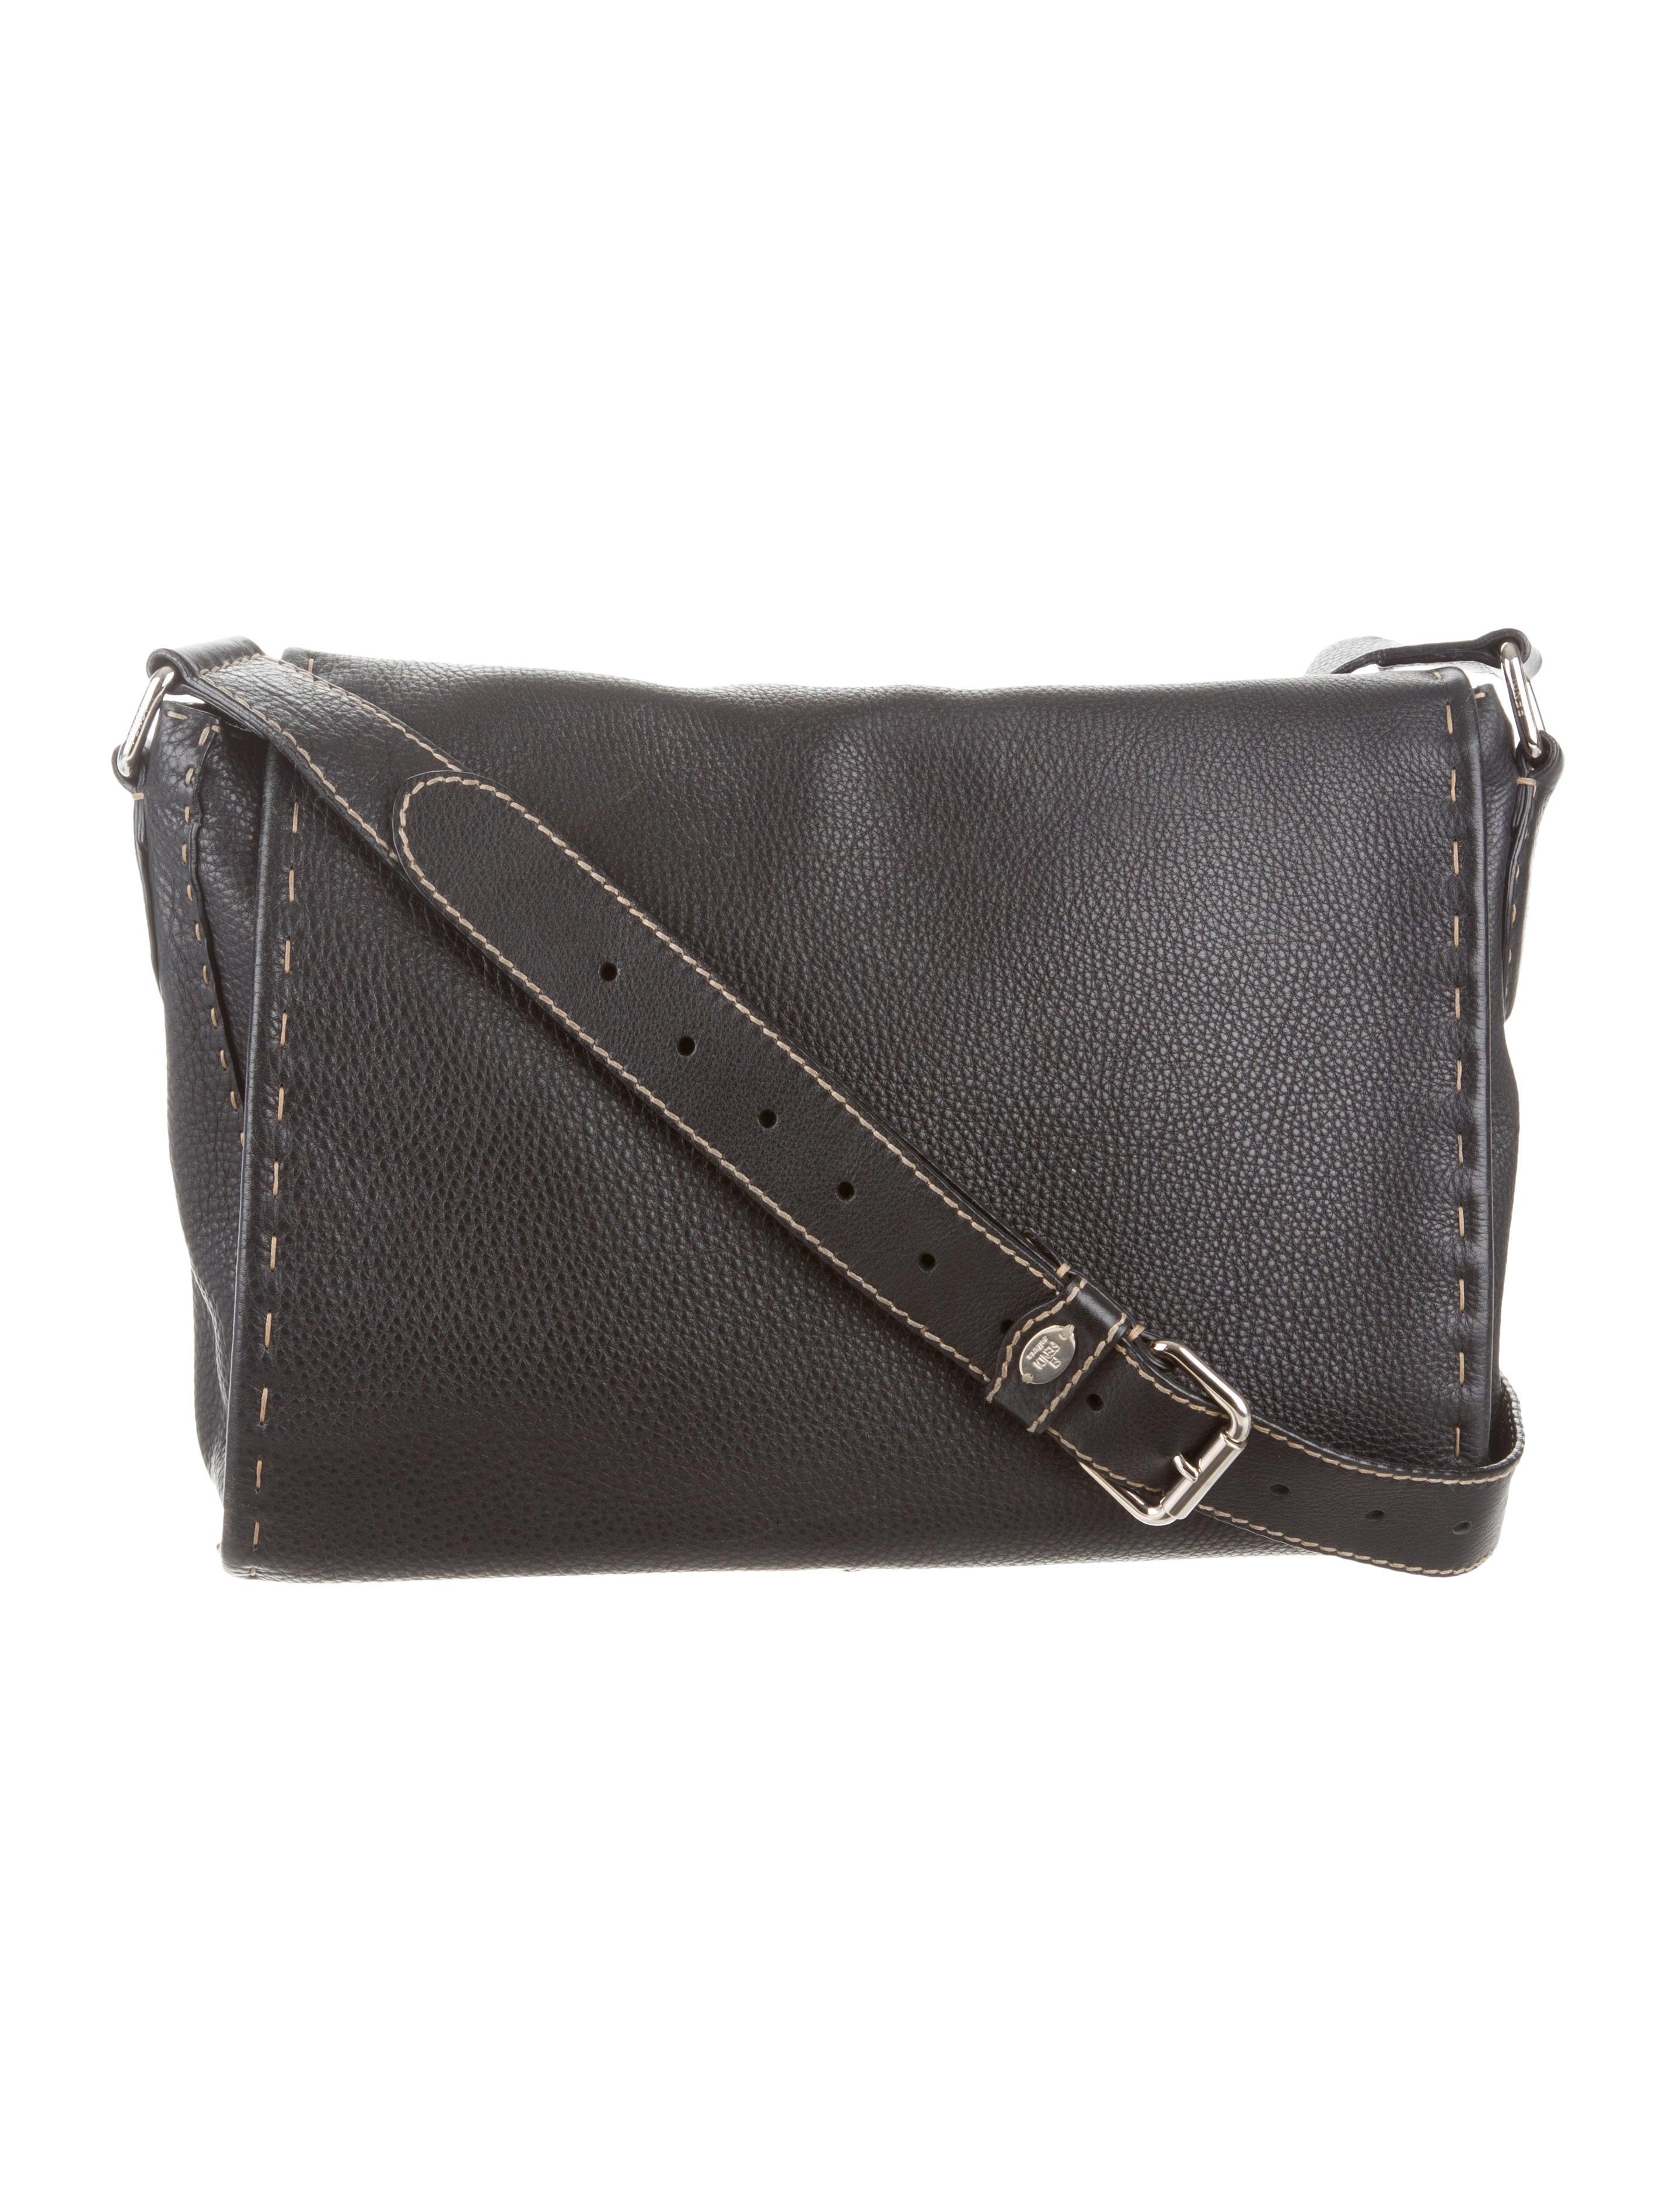 b73cd4e9ba Fendi Selleria Messenger Bag - Handbags - FEN37183 | The RealReal